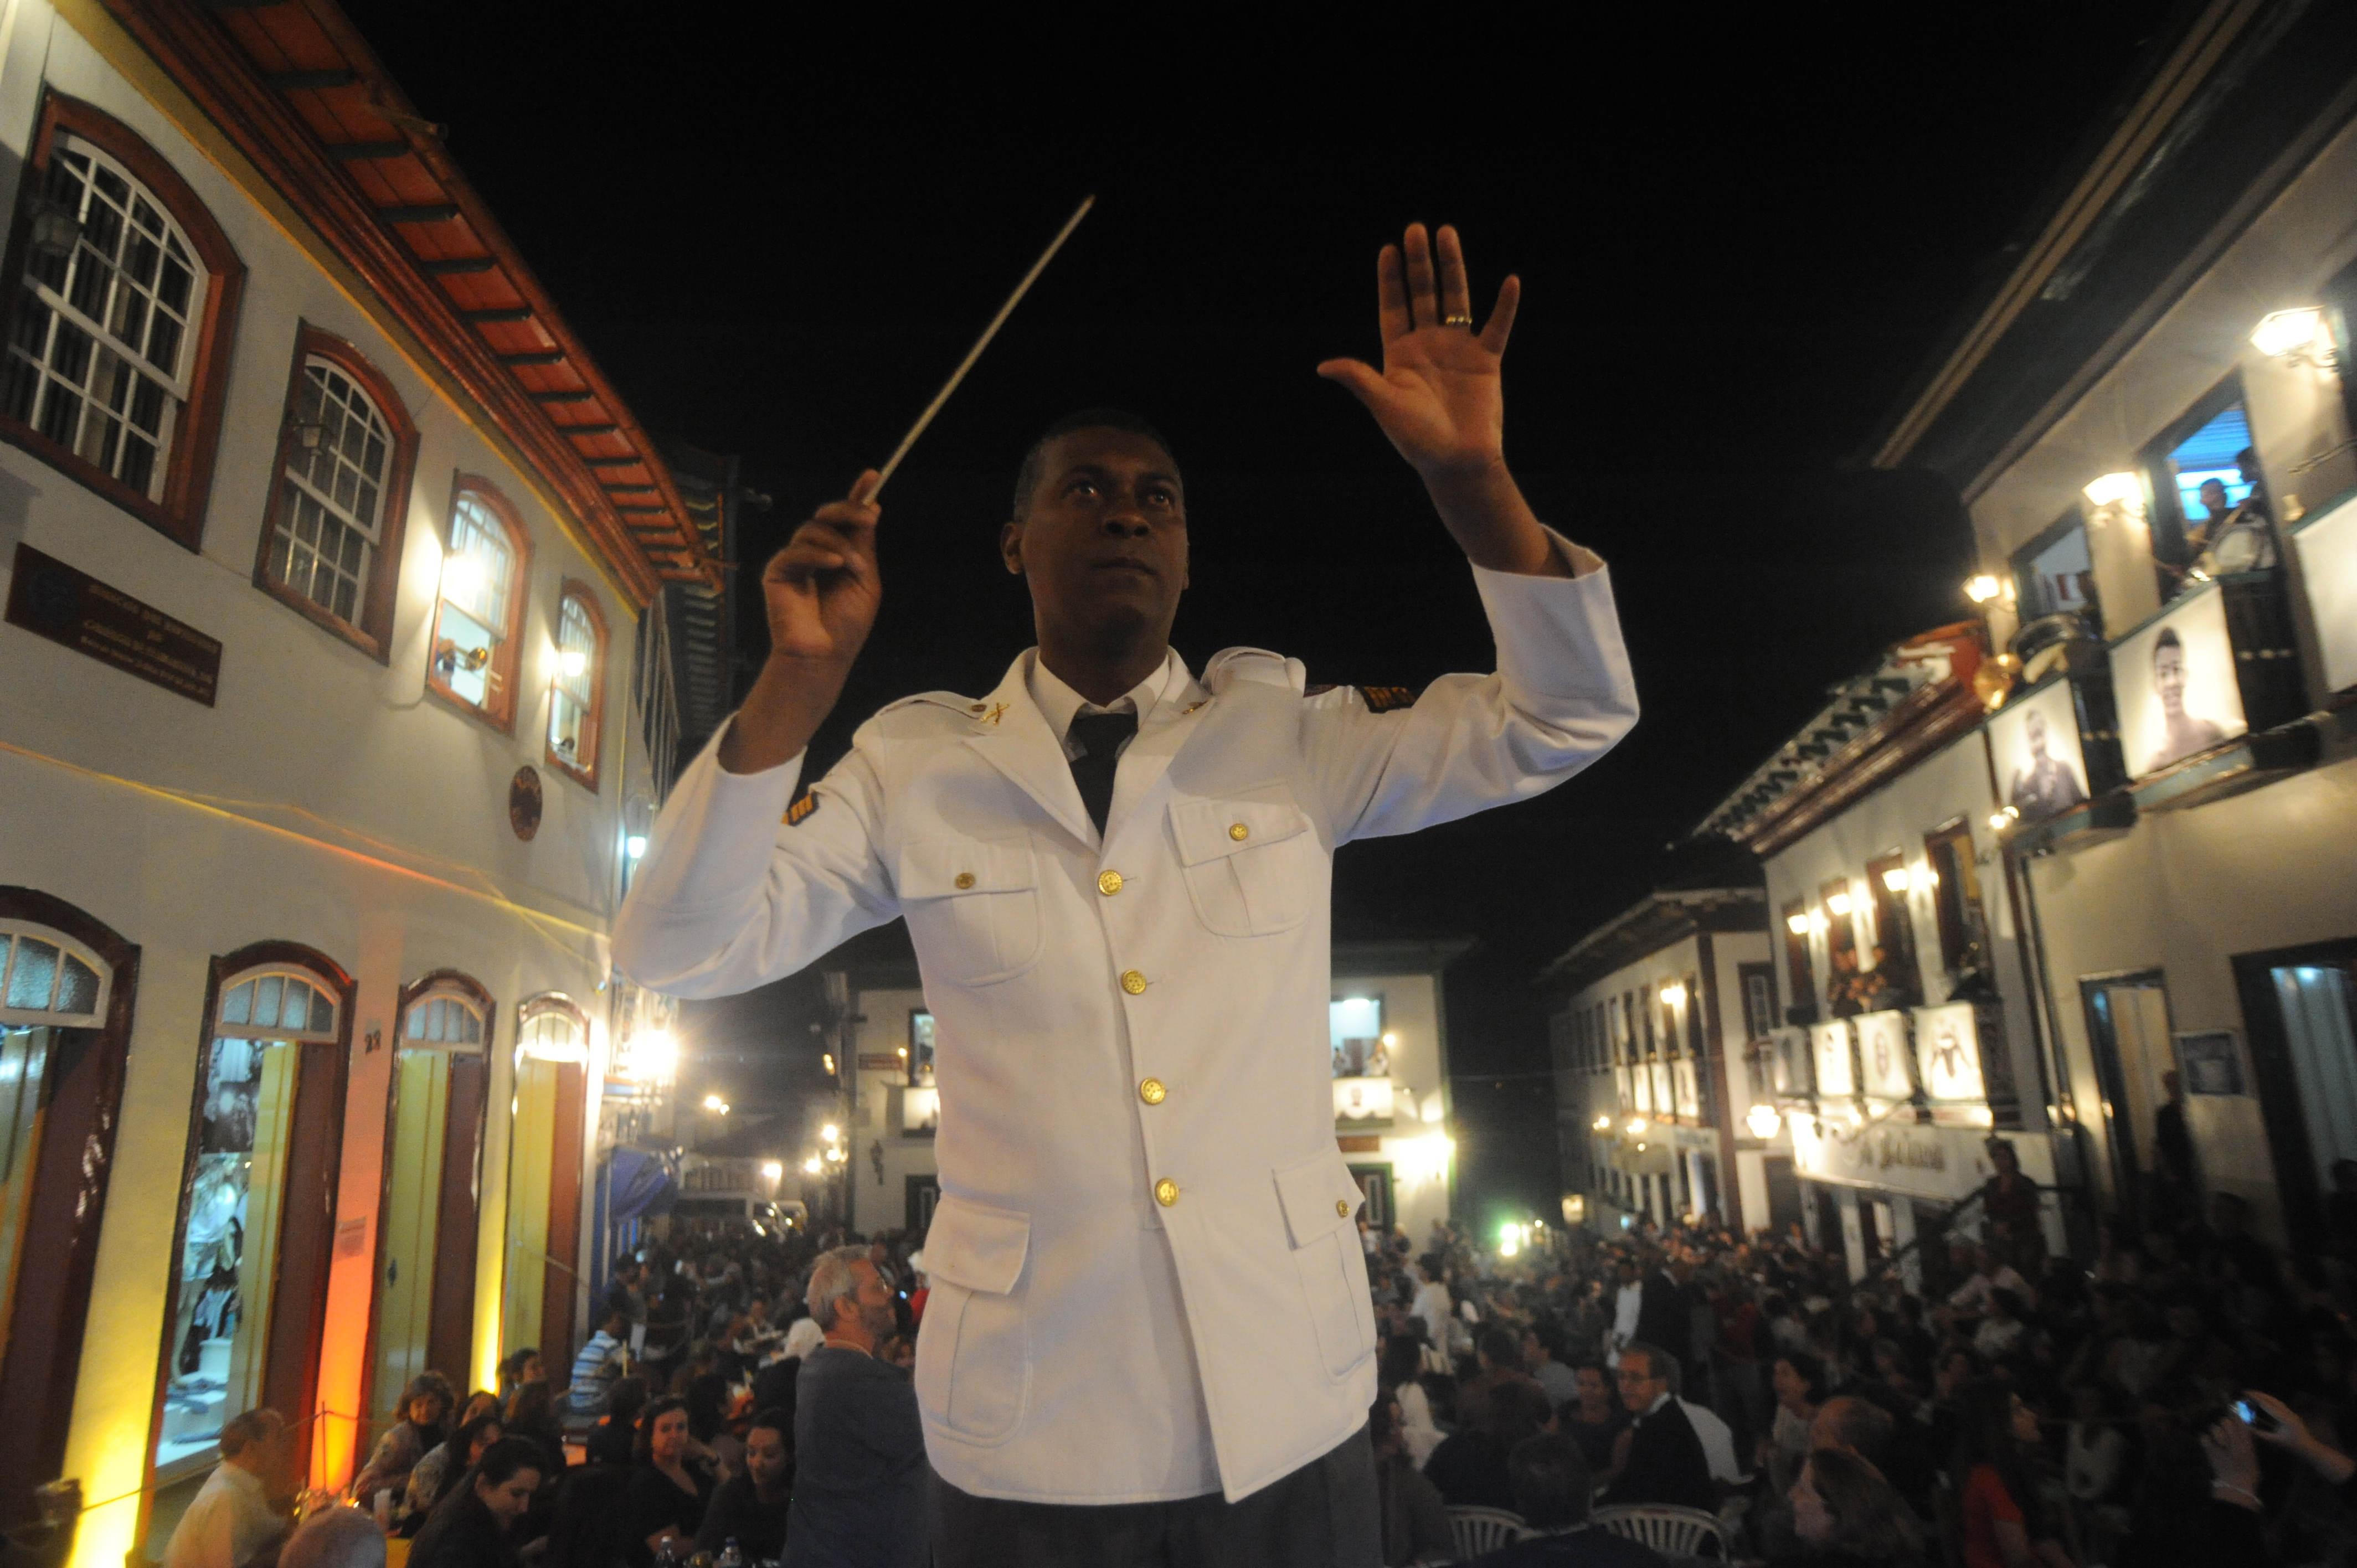 Os espetáculos ocorrem entre março e outubro na cidade do Vale do Jequitinhonha: tradição foi retomada e se popularizou a partir de 1999 (Foto: Leandro Couri/EM)